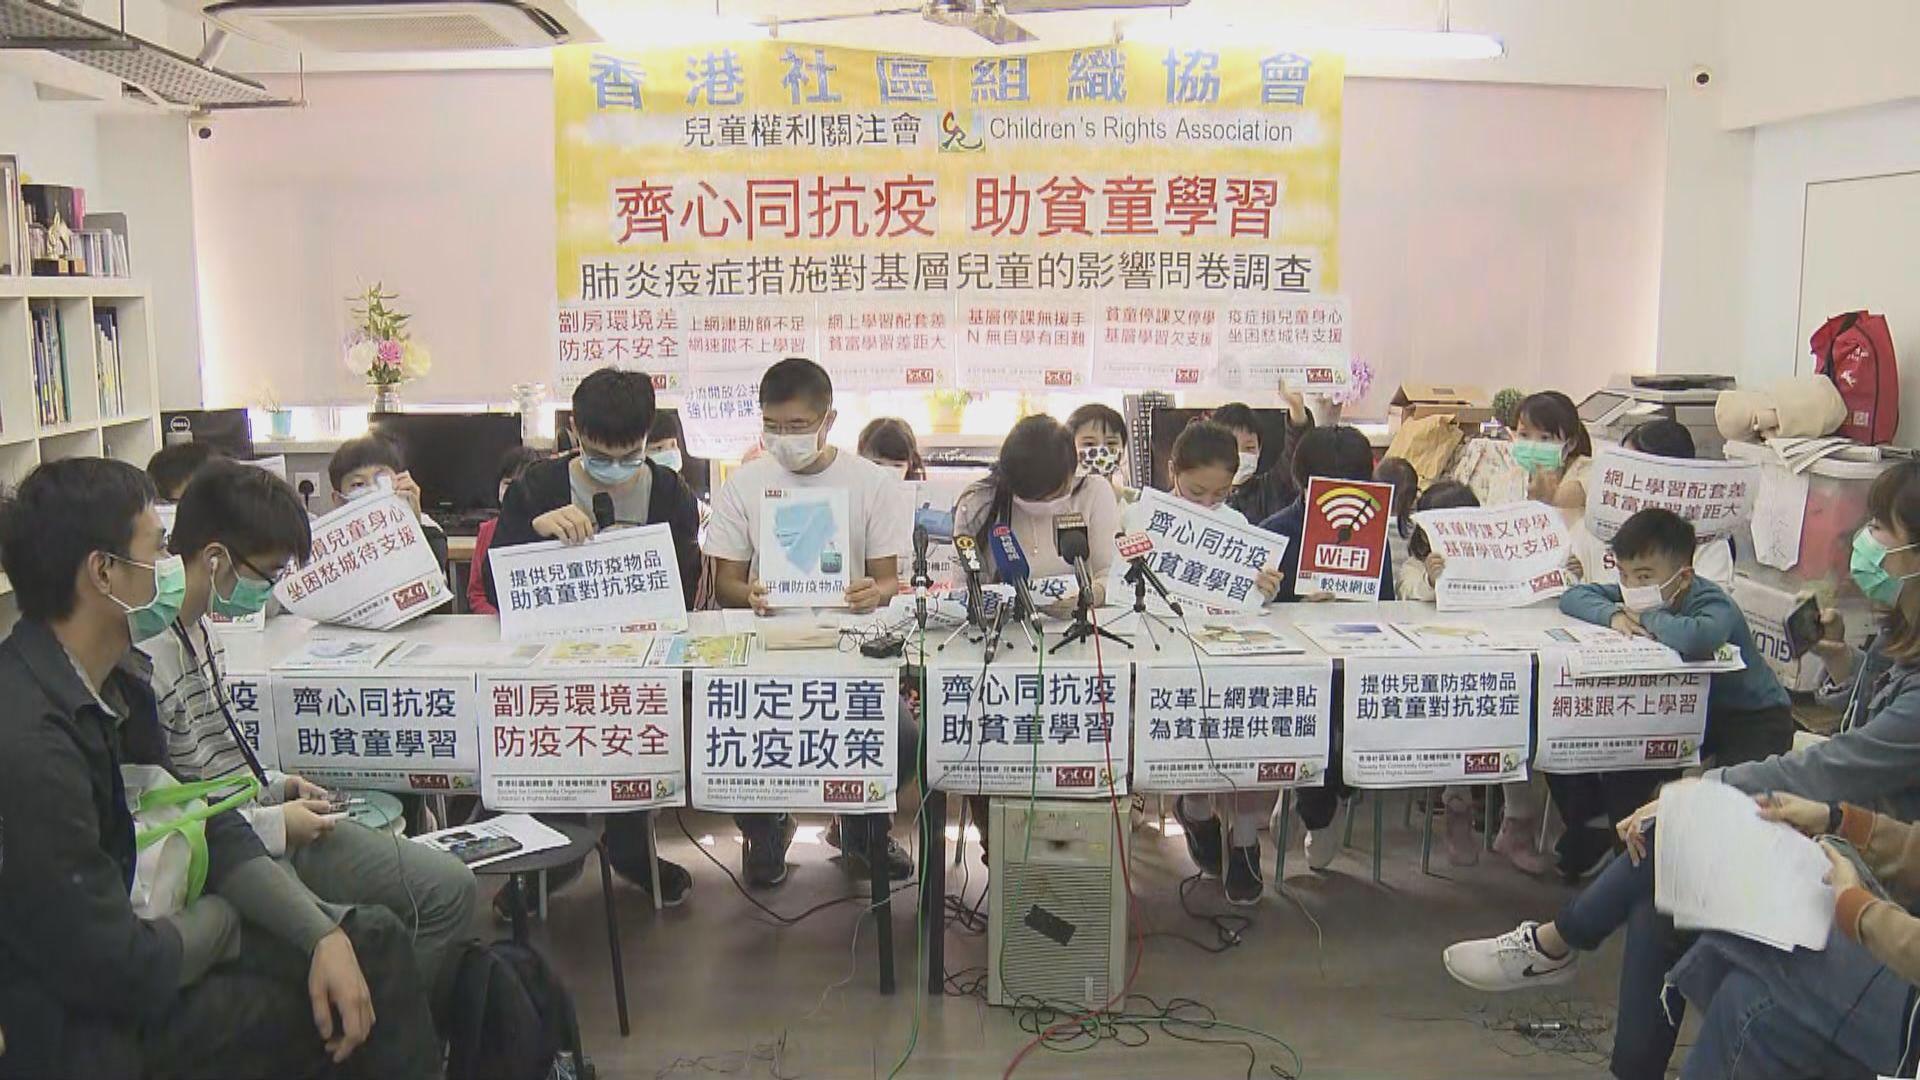 調查:基層學童缺電腦或裝備太舊影響網上學習